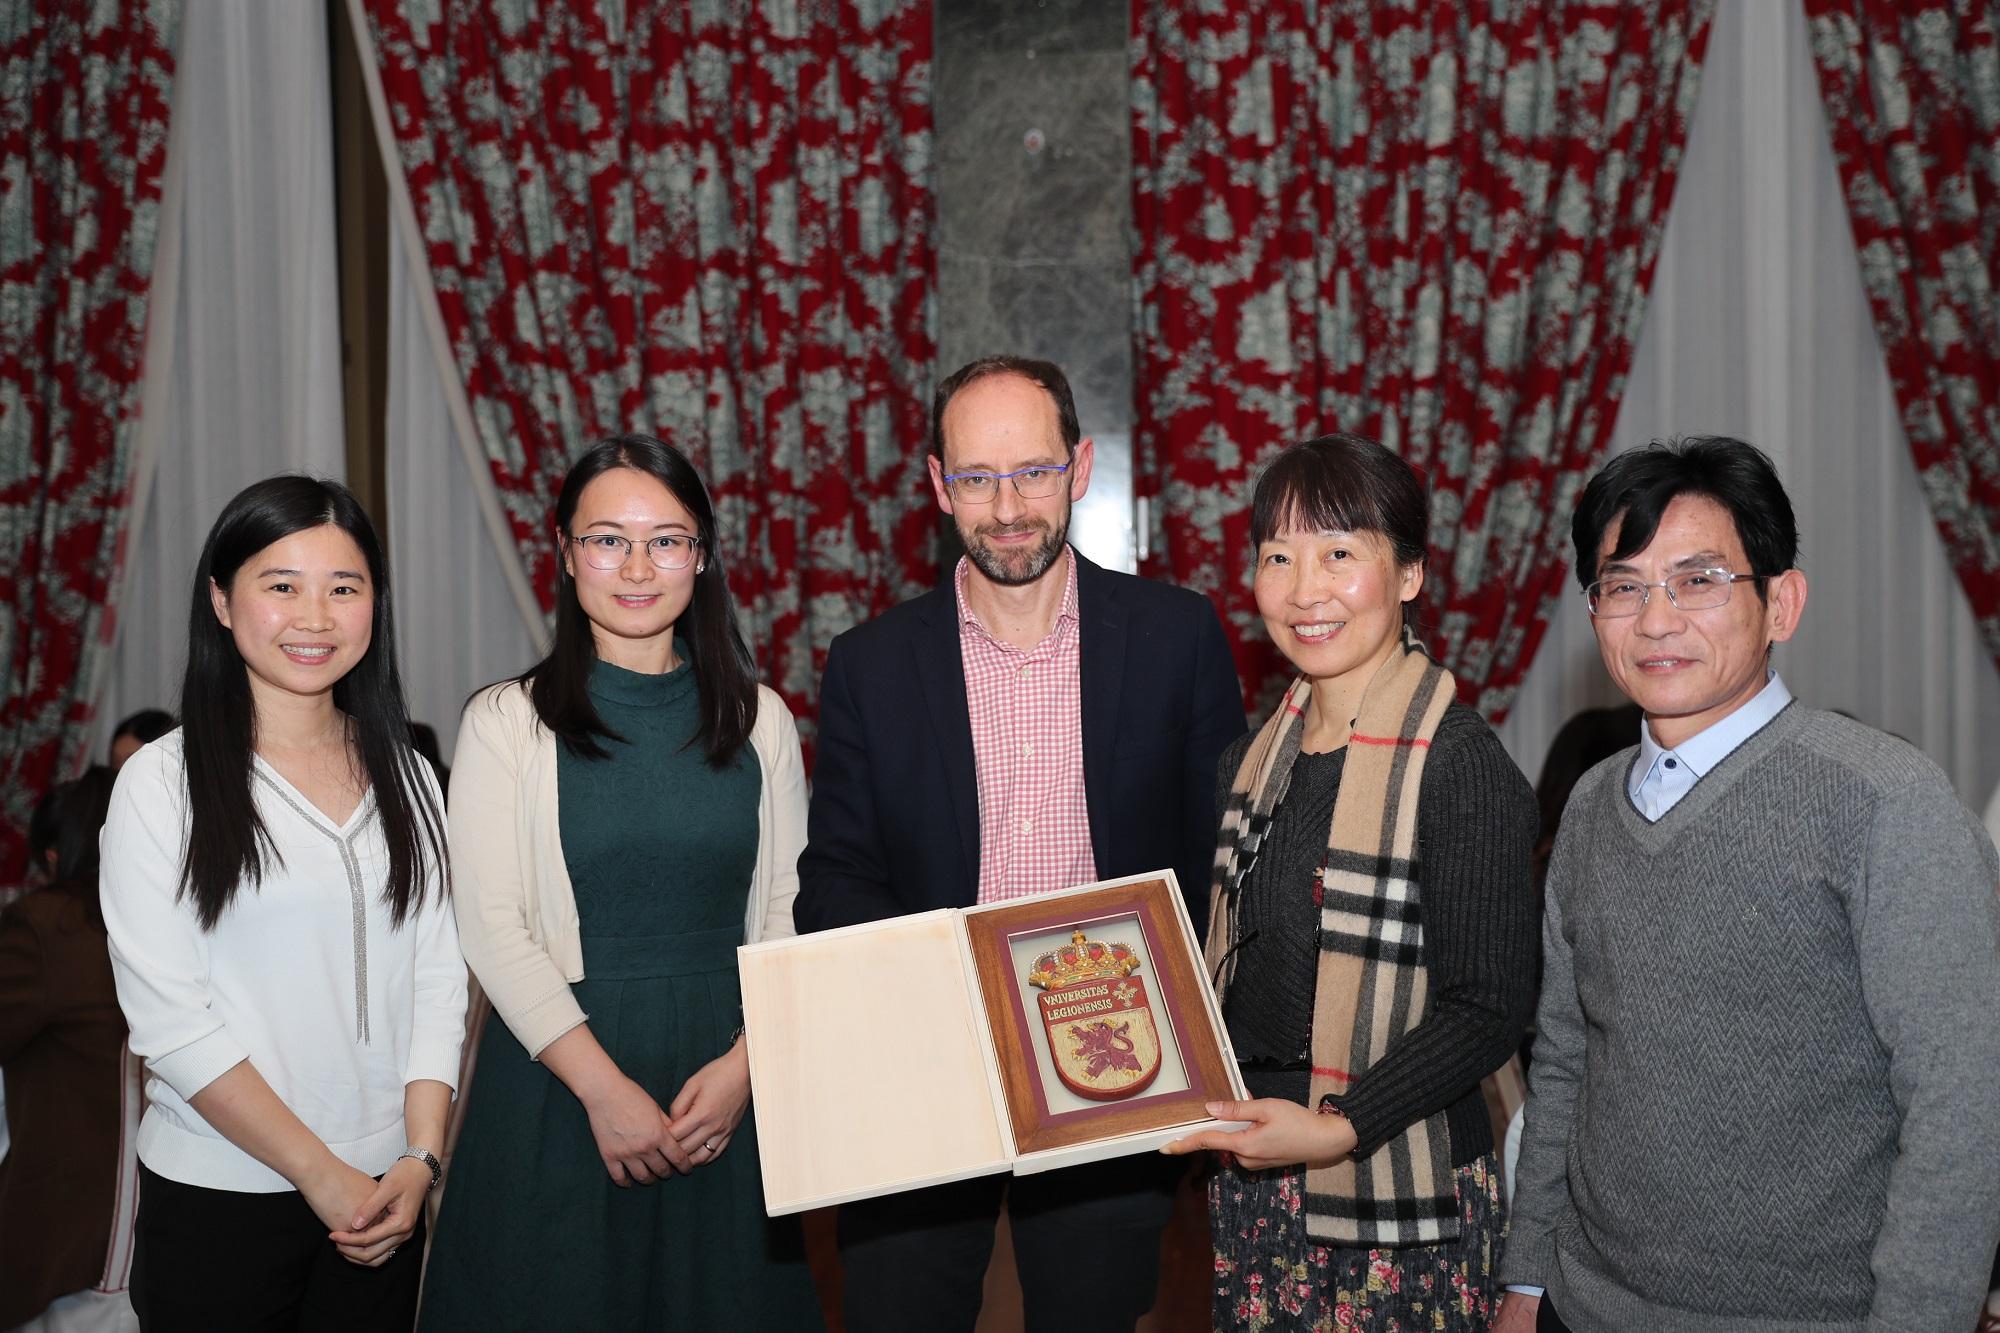 Visita del grupo artístico de la Universidad de Fudan China - imagen 3